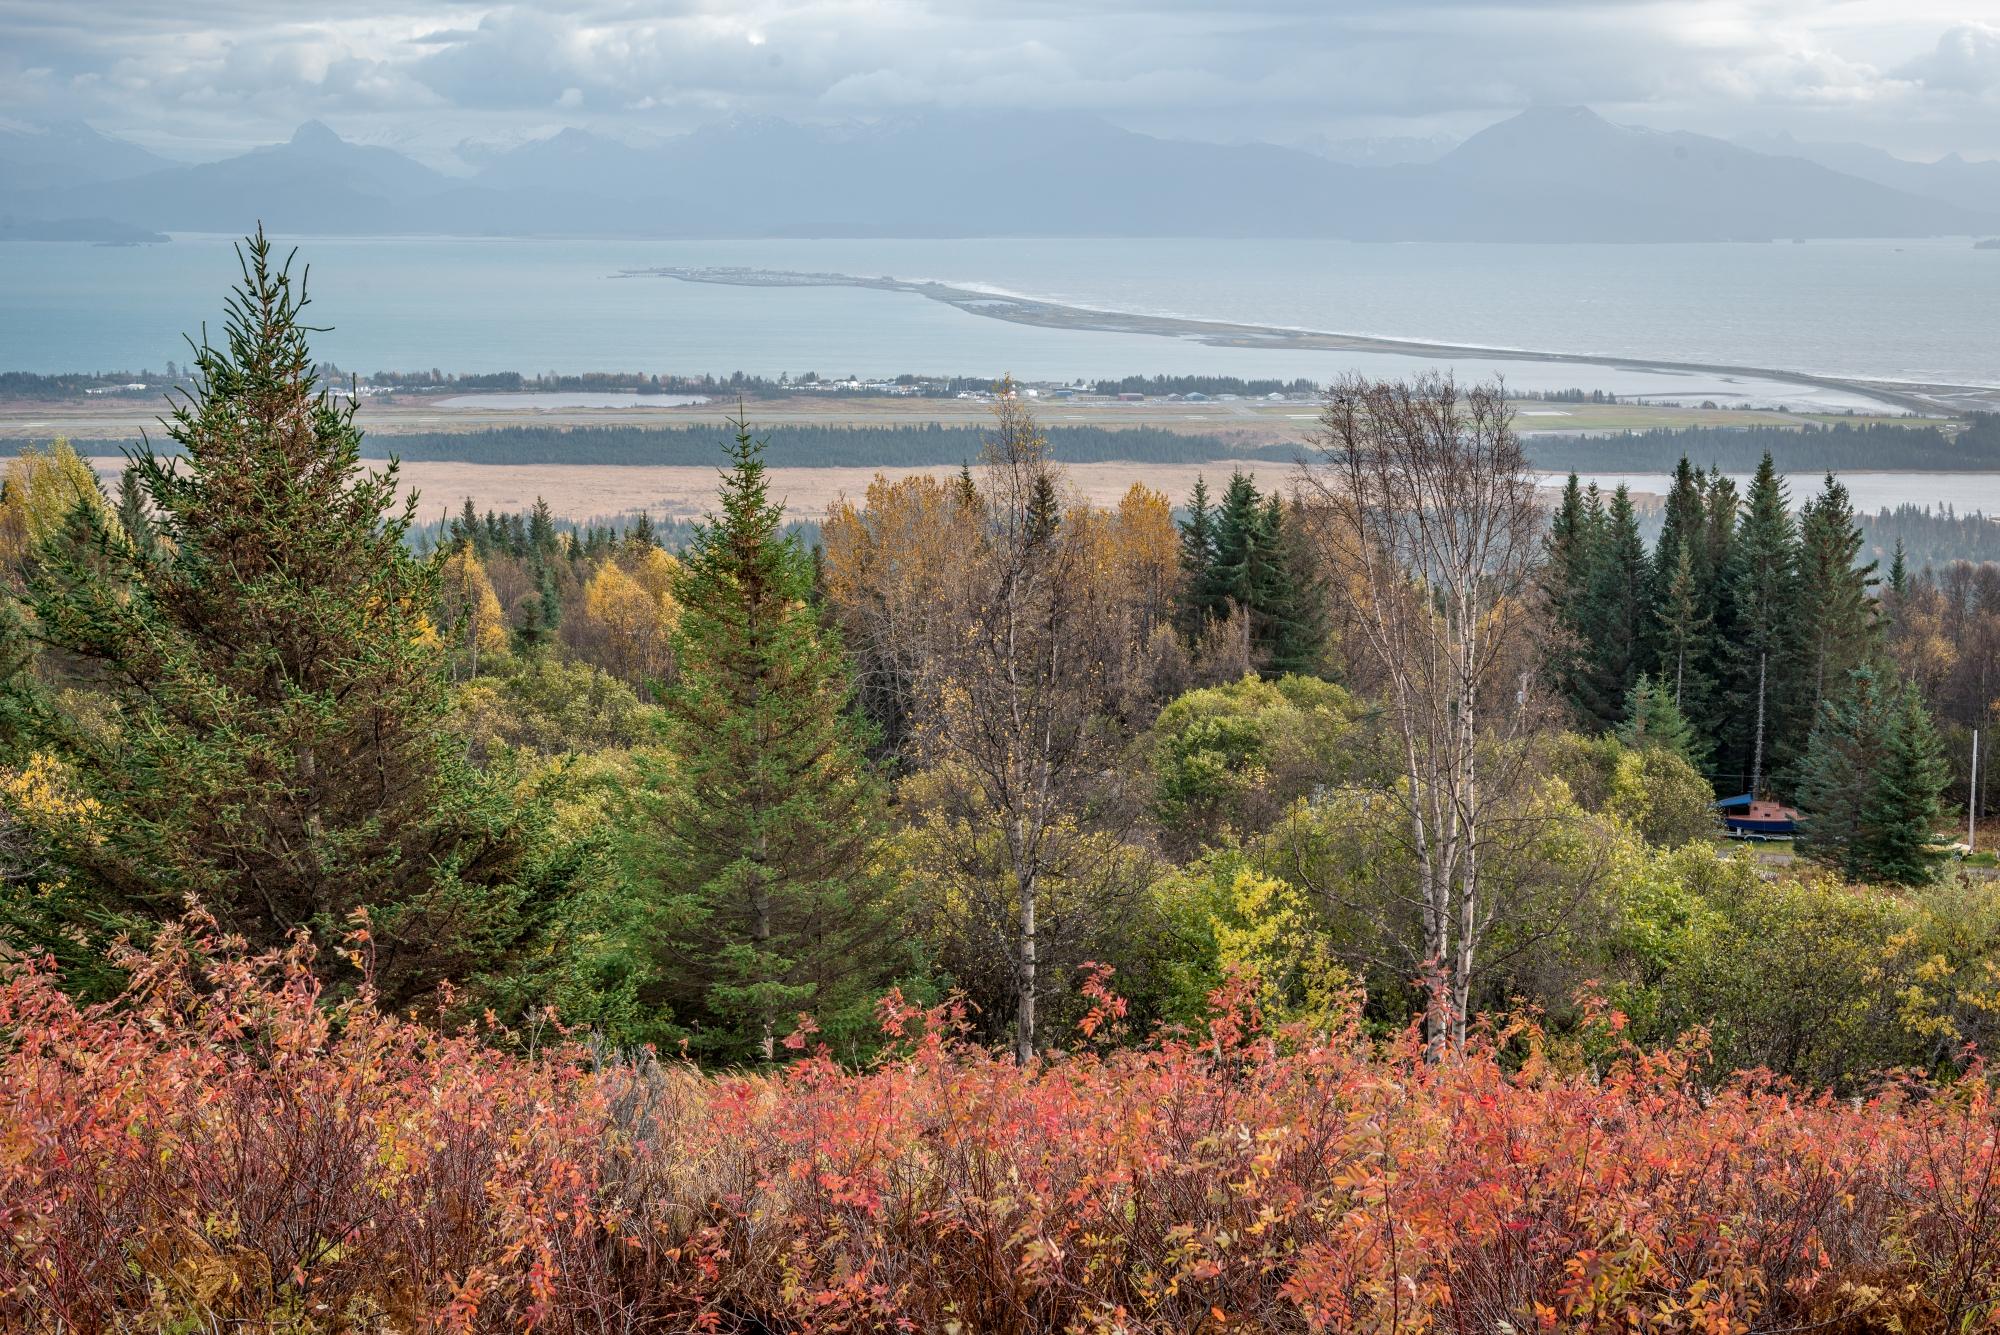 DSC9262 - Overlooking Homer Spit, Homer, Alaska